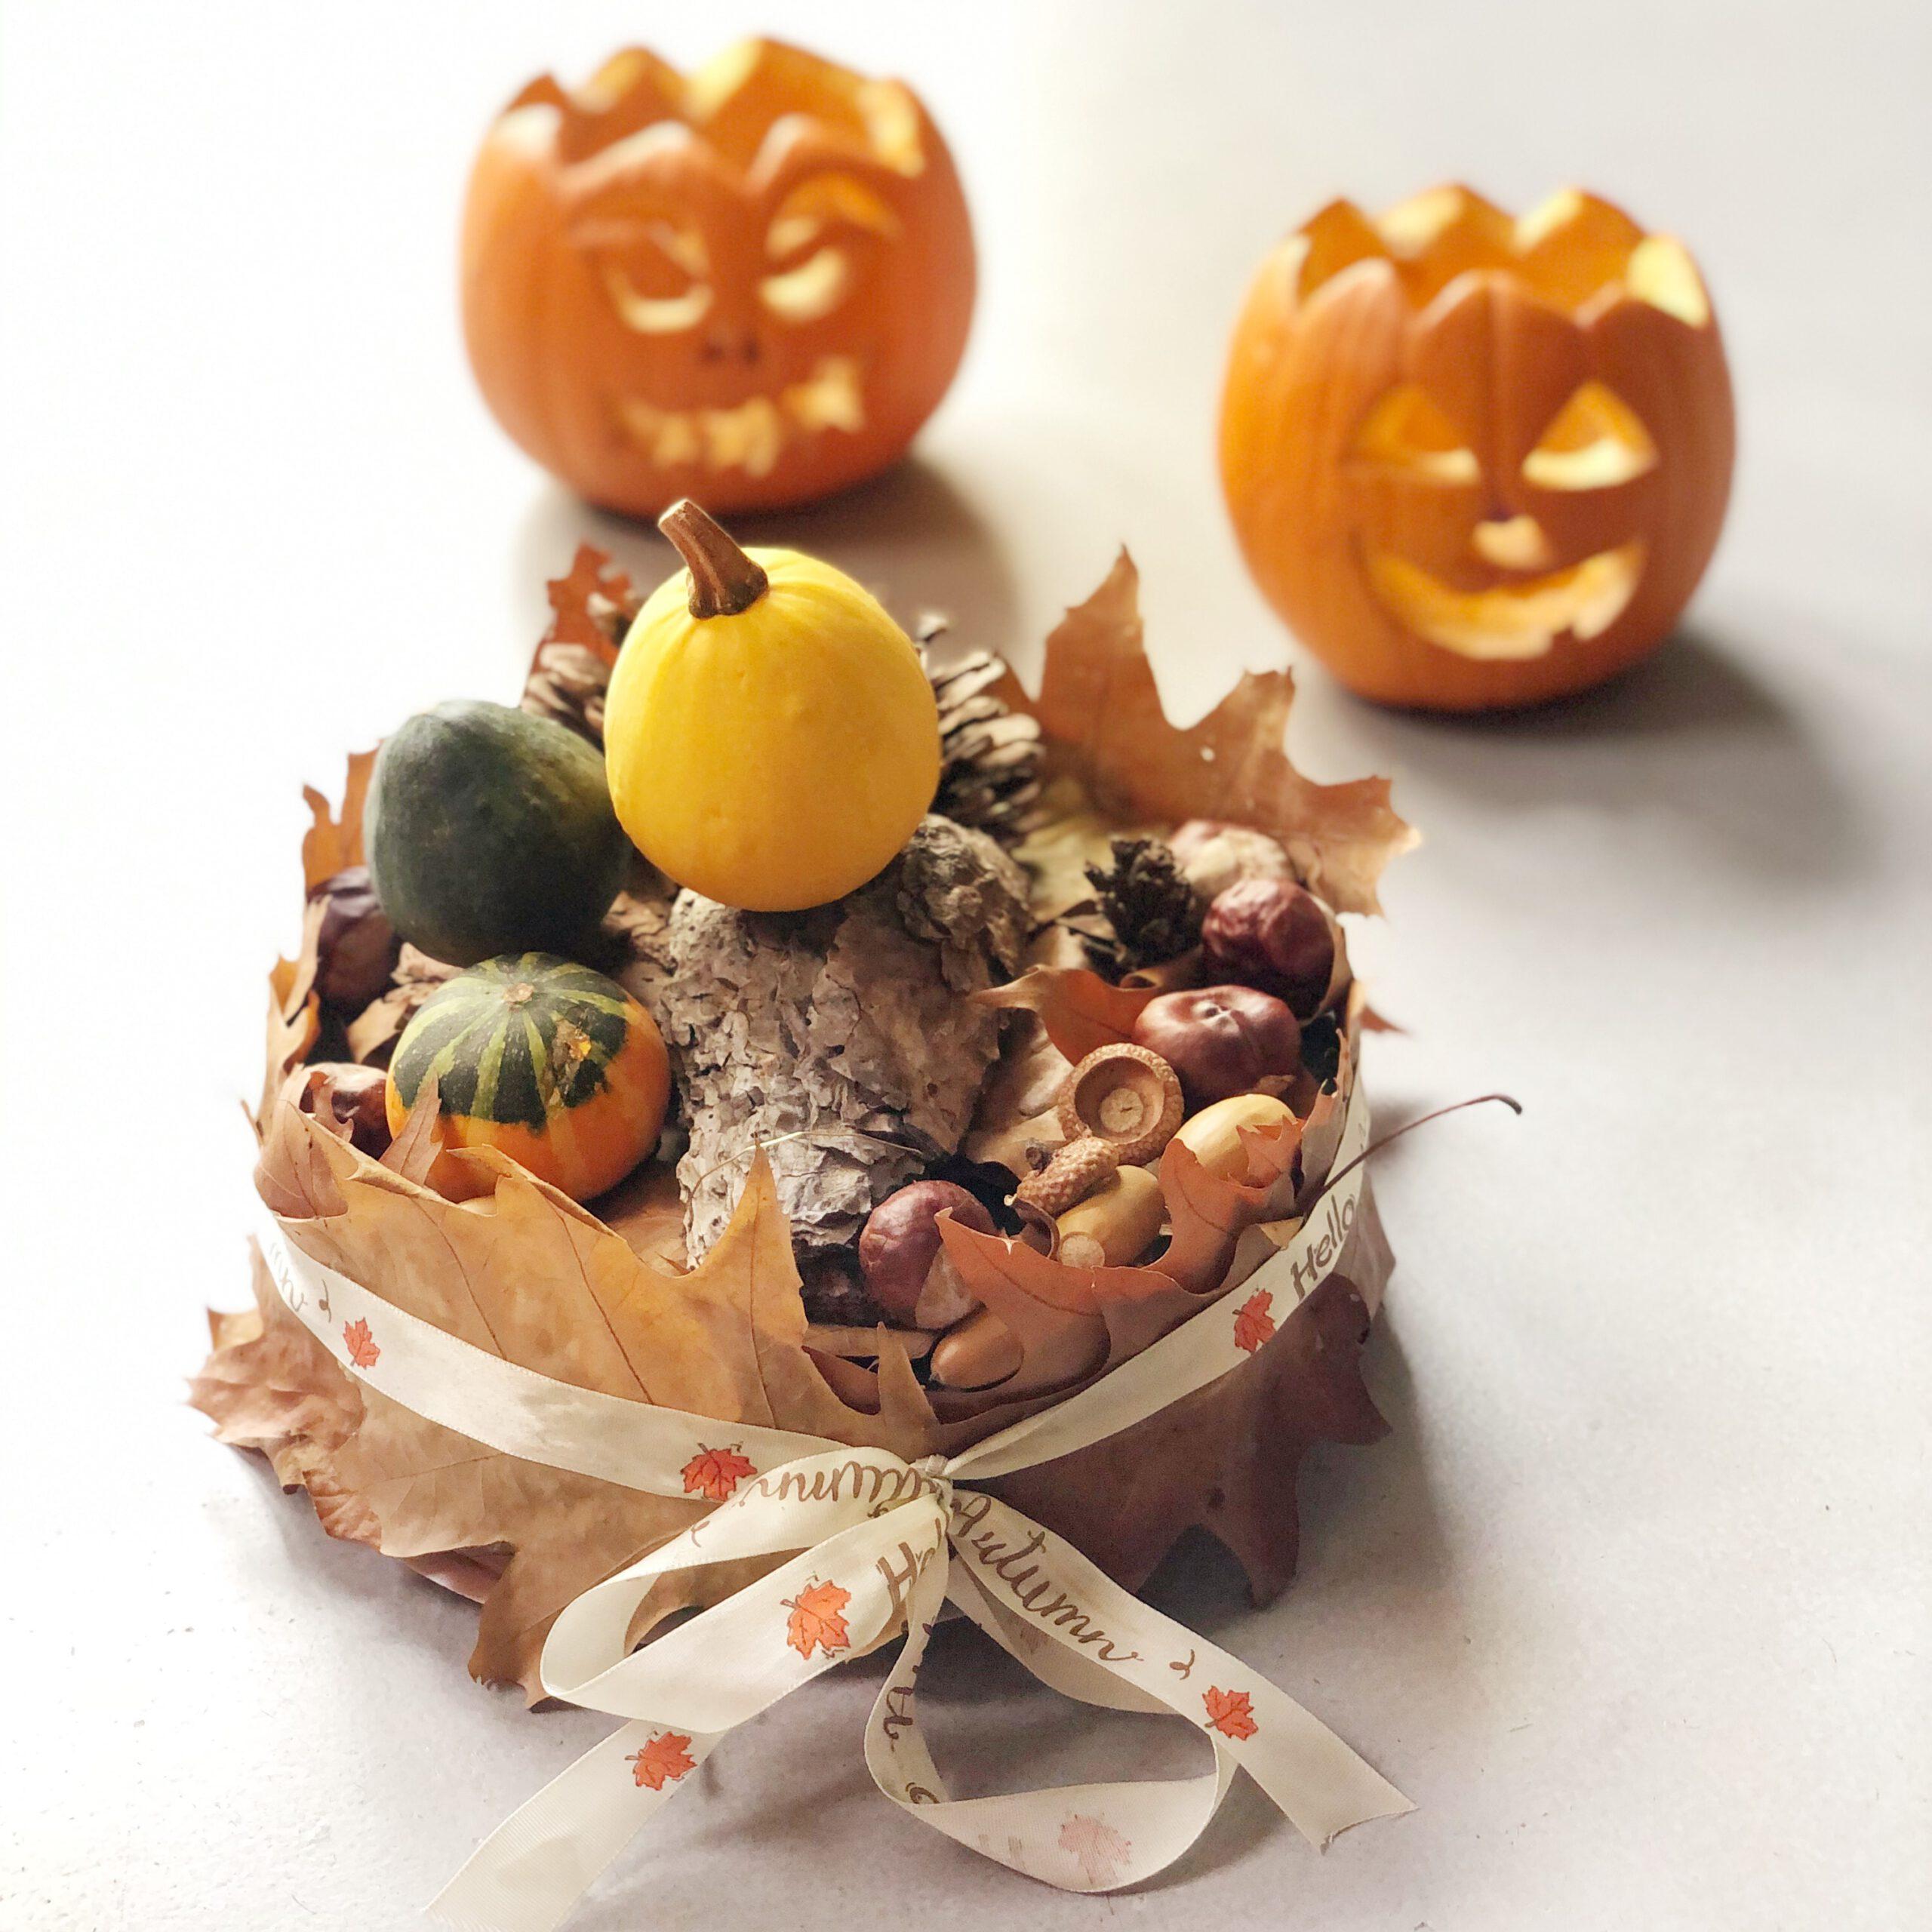 Decoratie herfst knutselen, maak een herfsttaart.